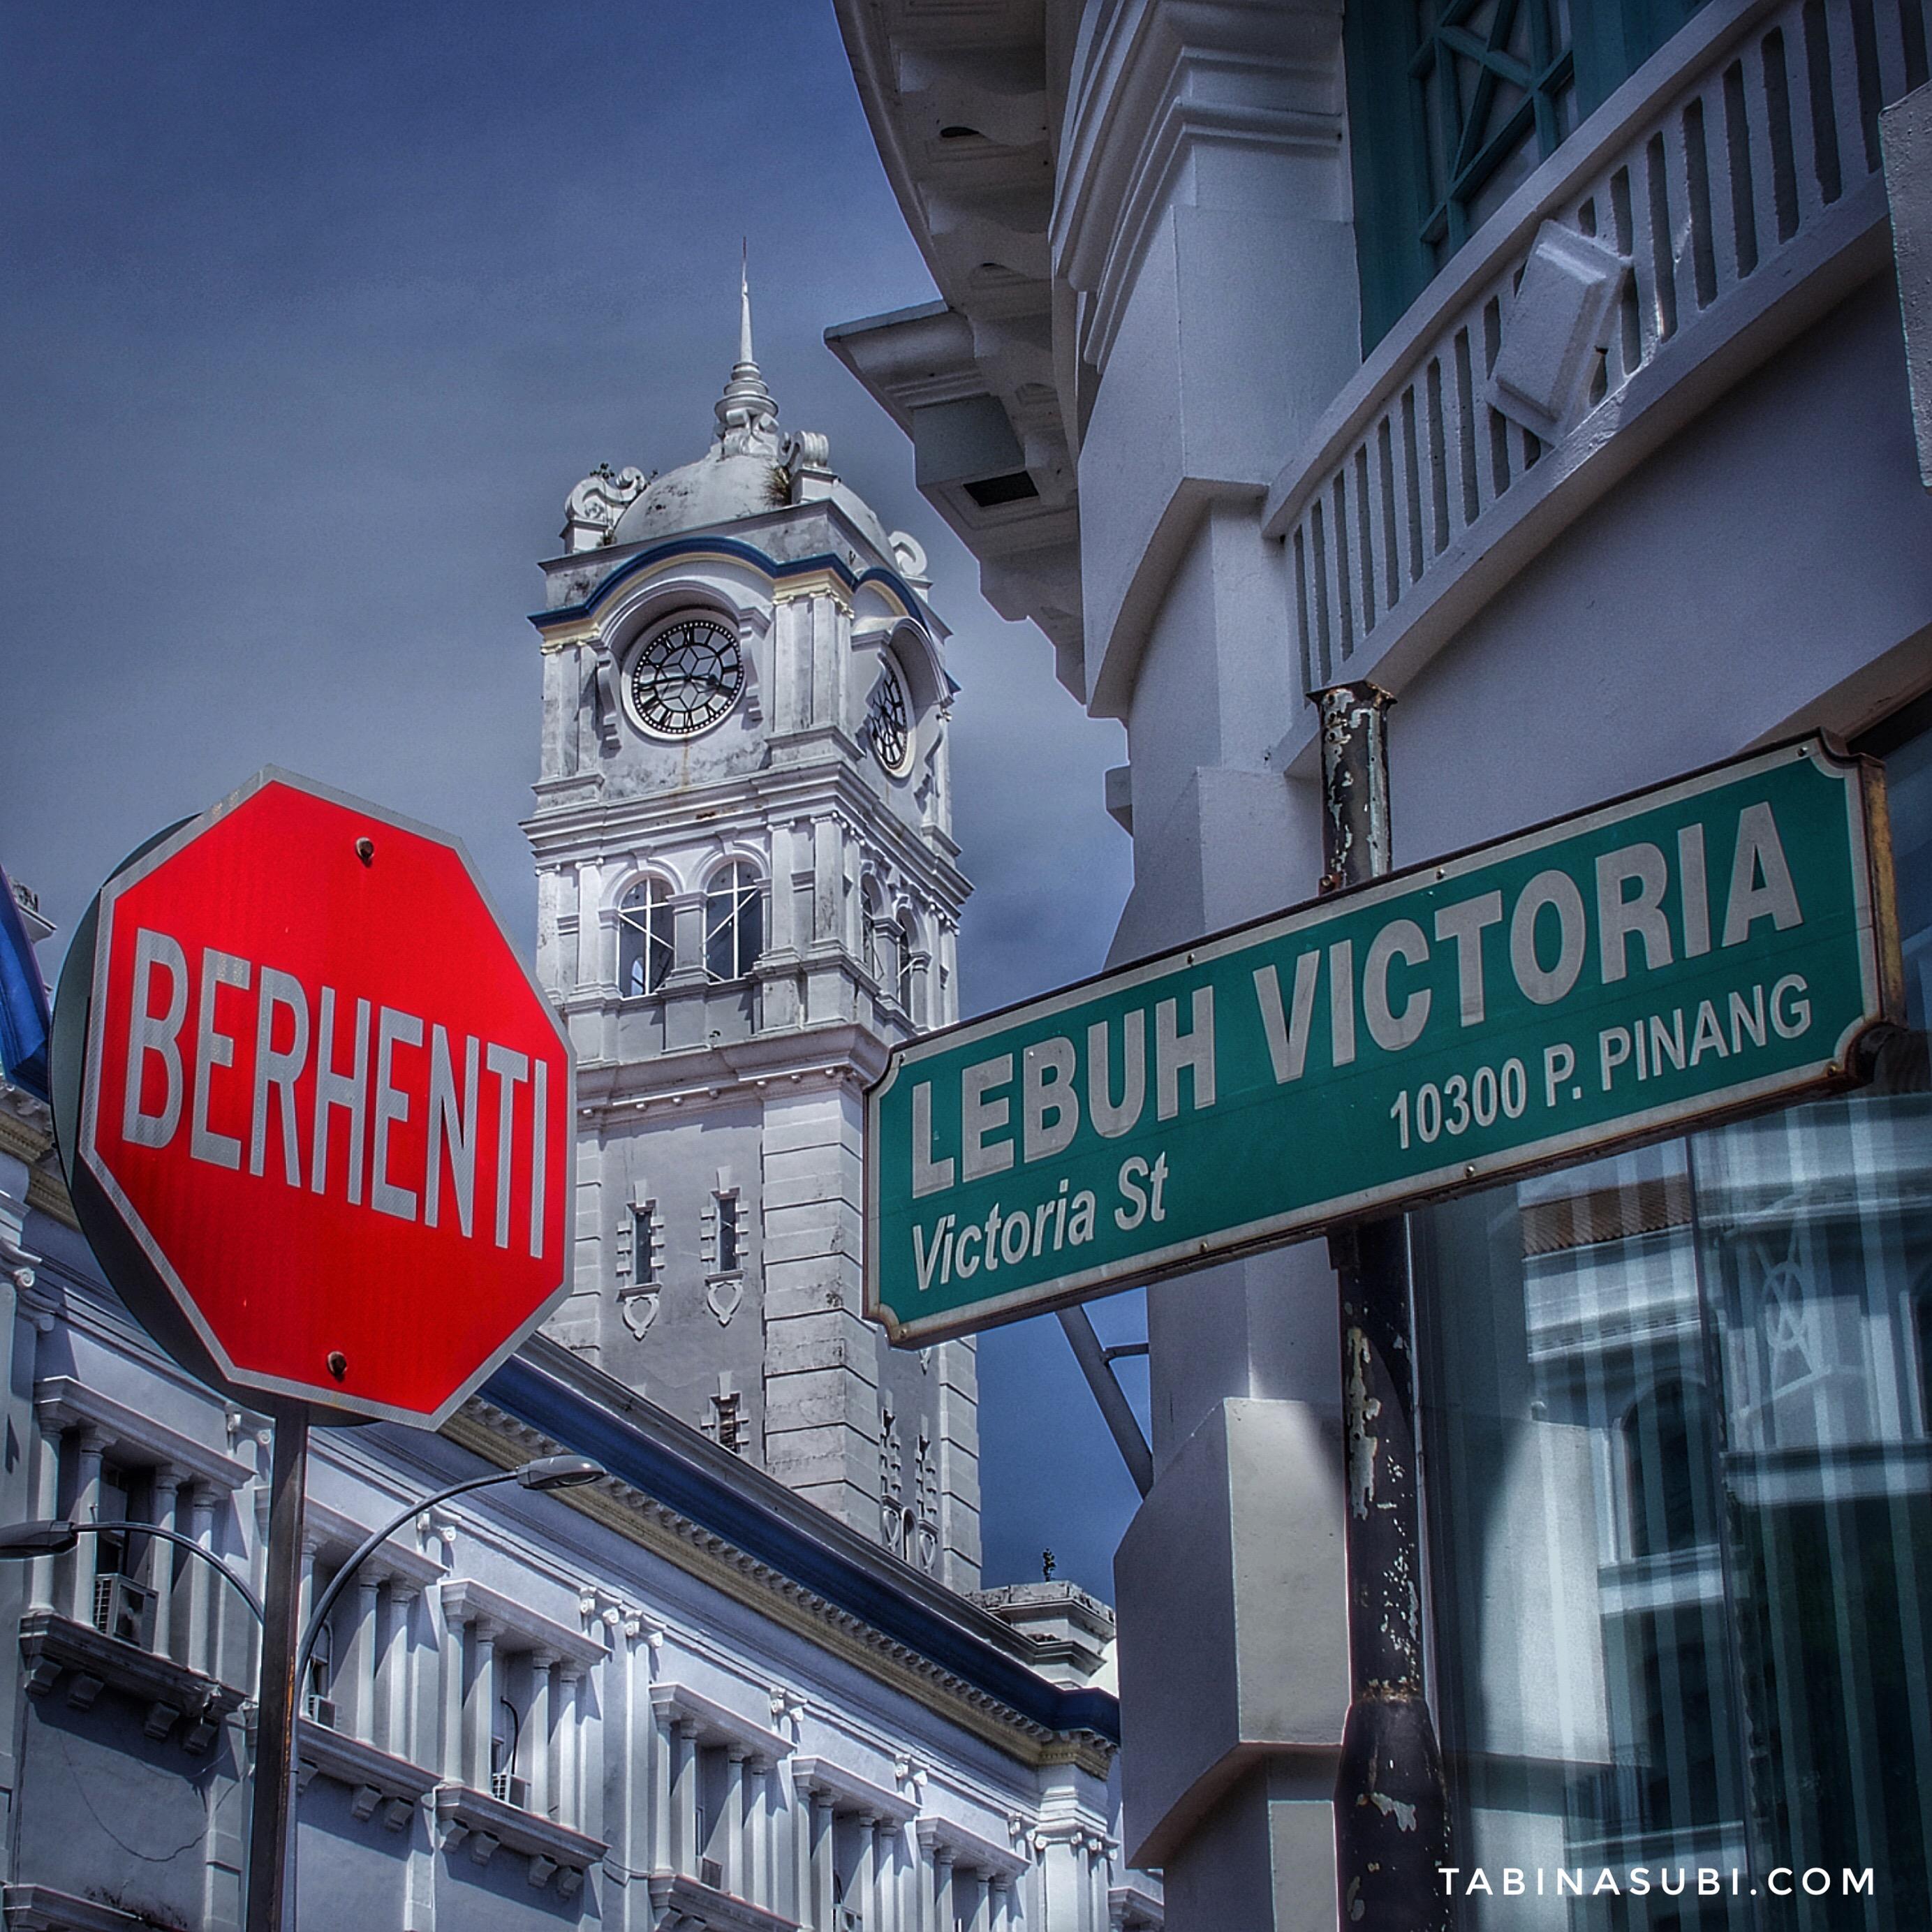 georgetown_victoria